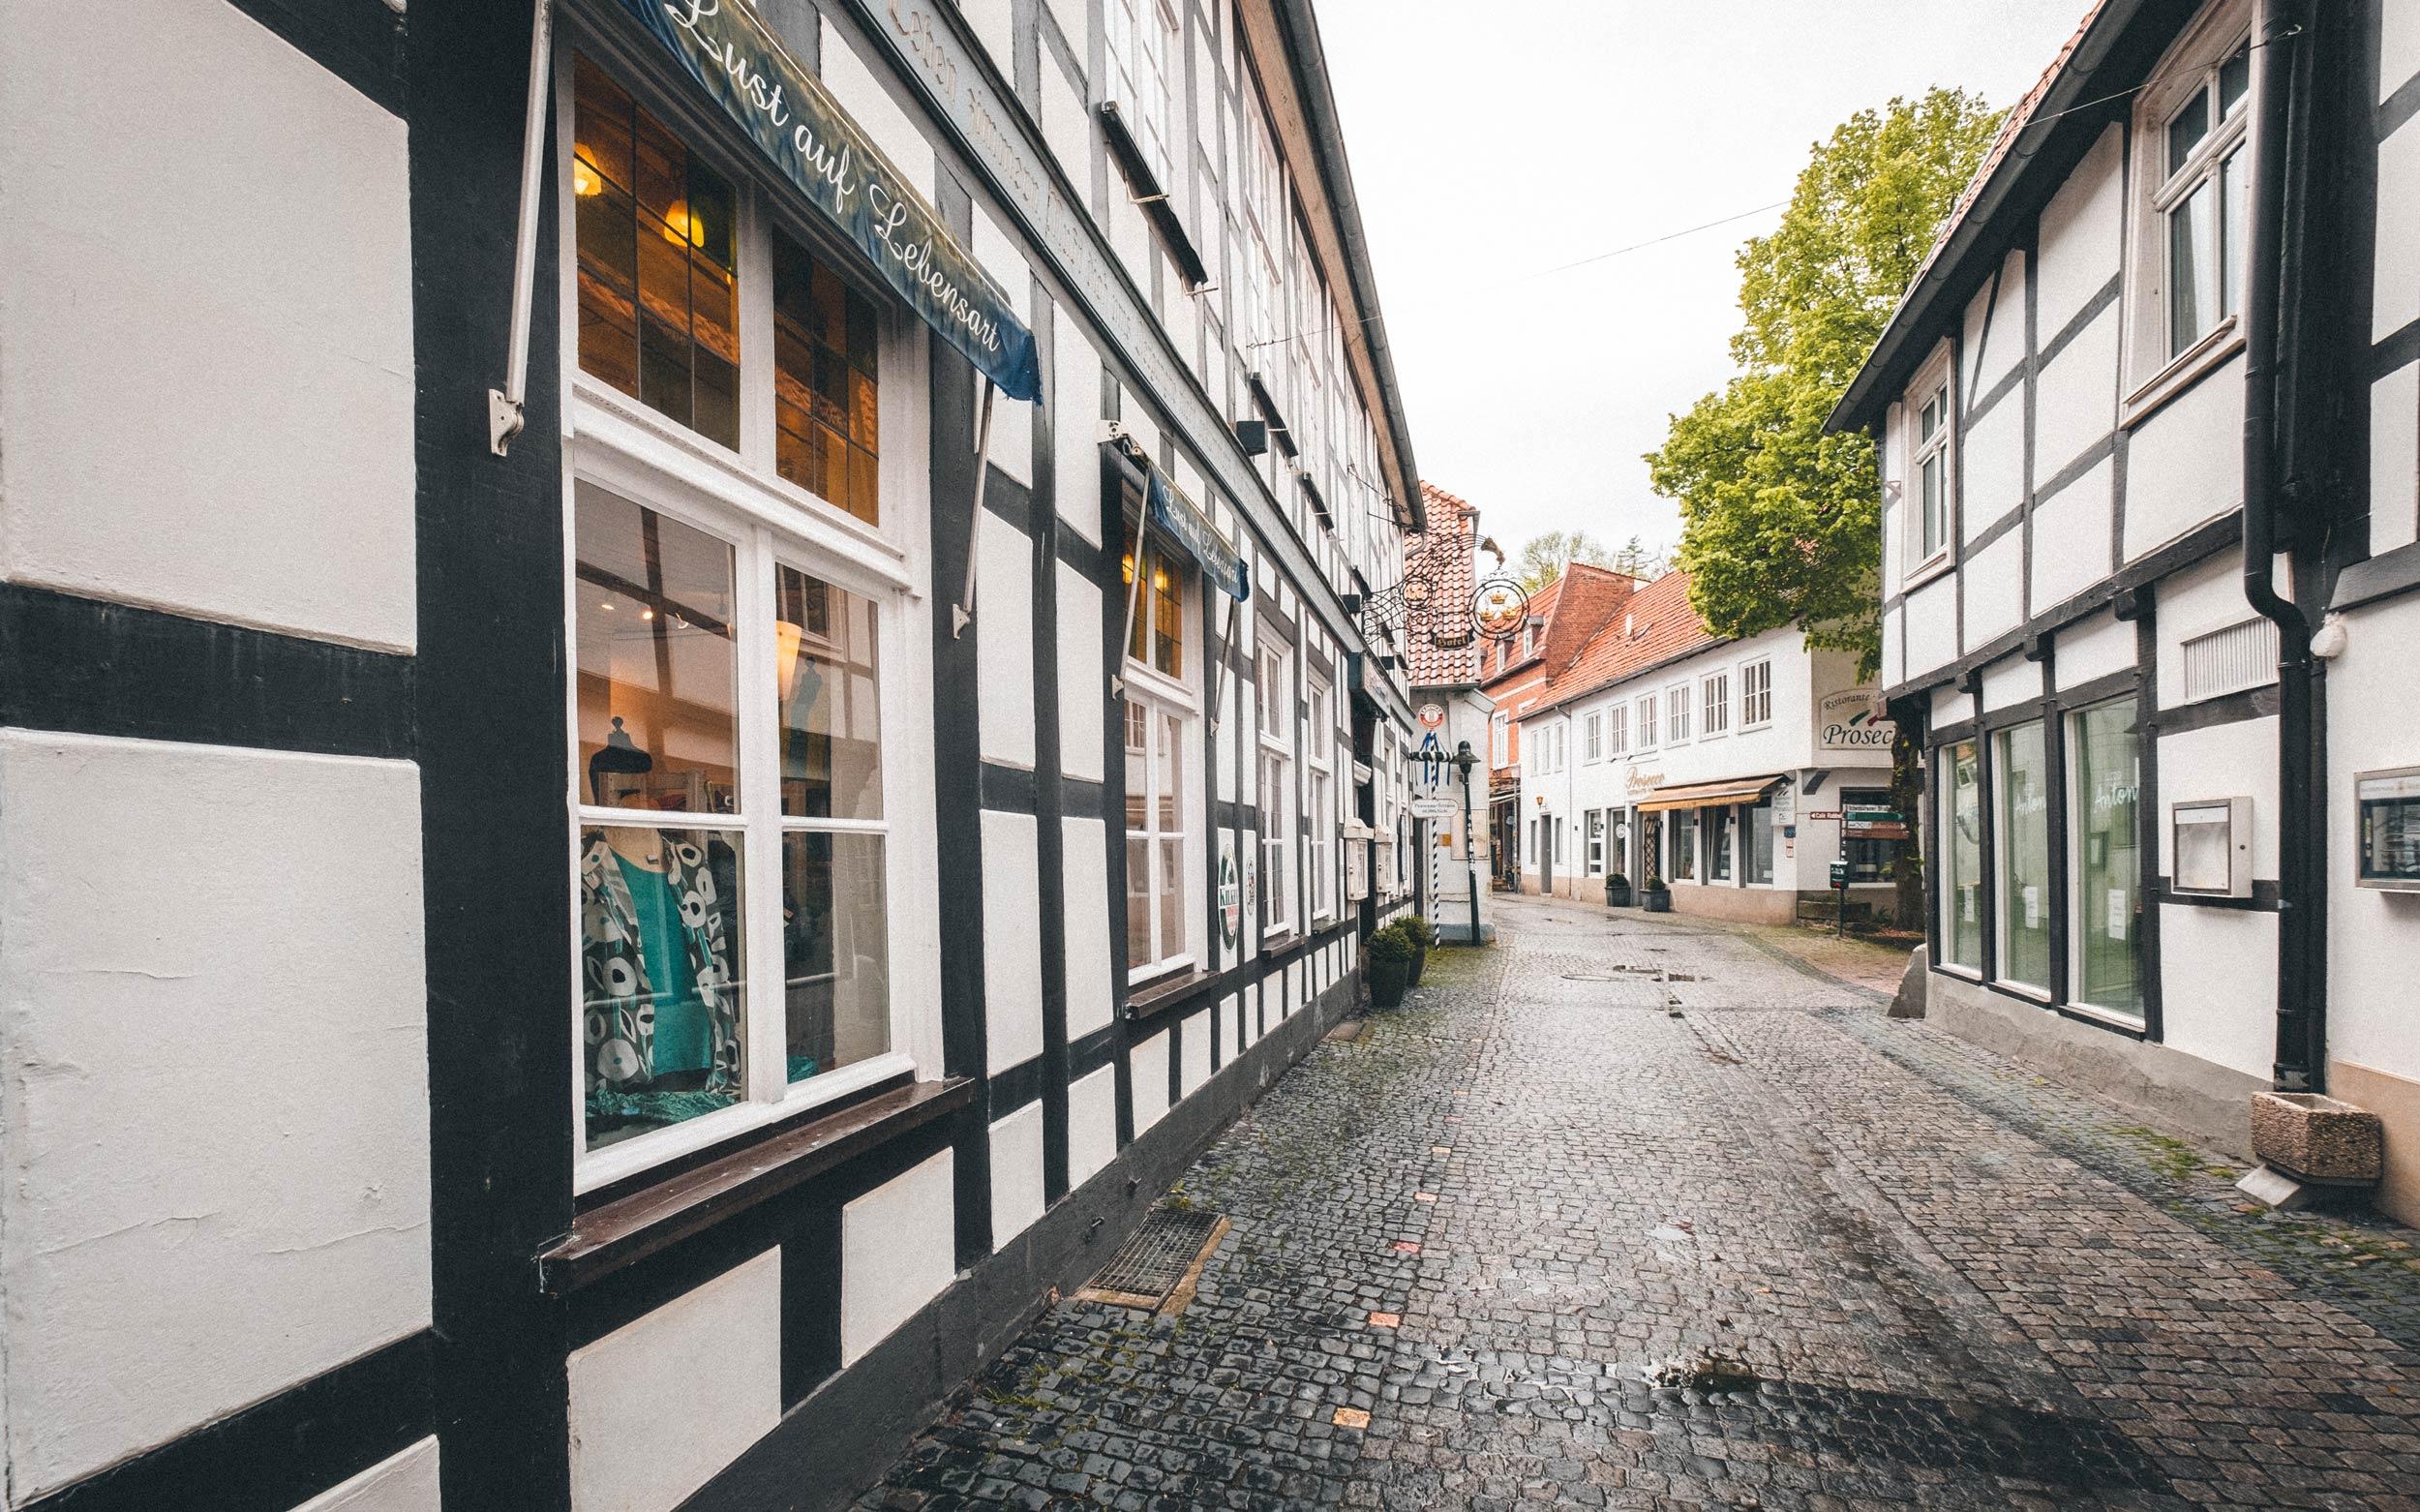 Tecklenburger Altstadt